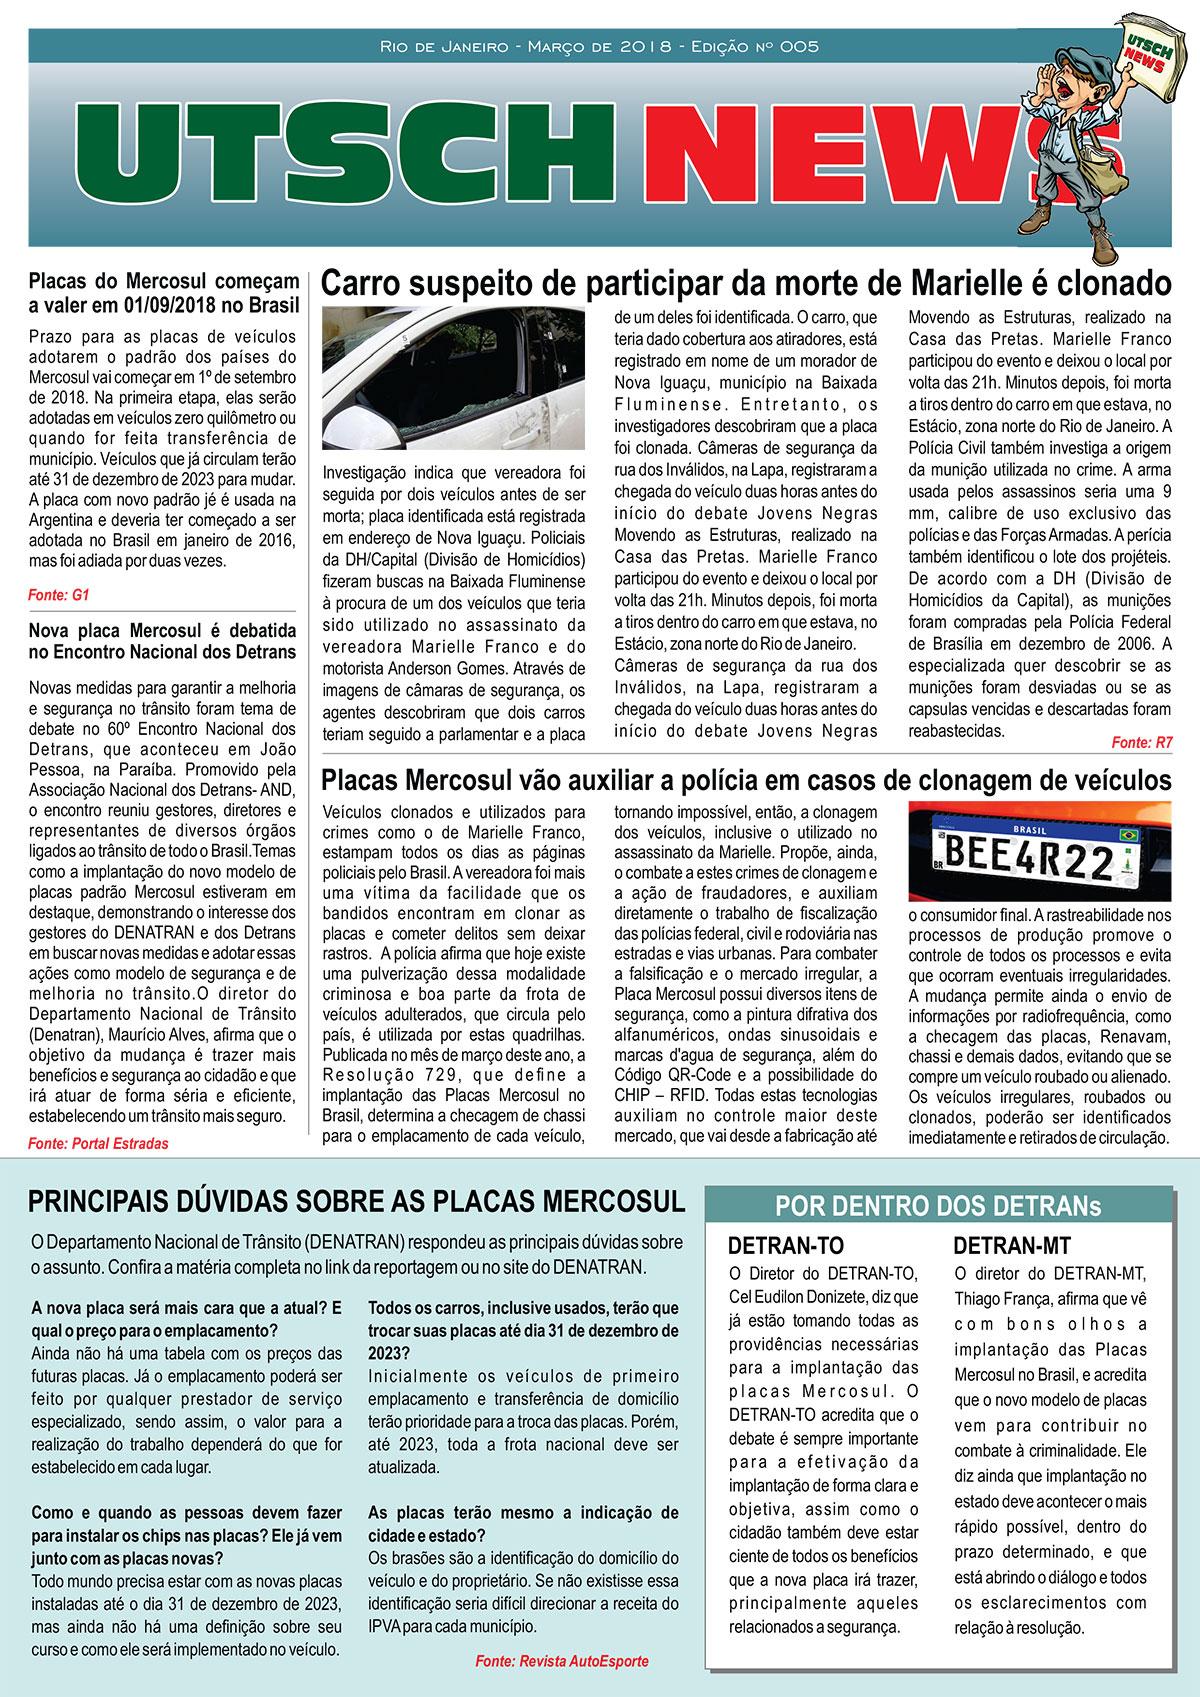 Jornal-UTSCH-BRASIL---edição-005